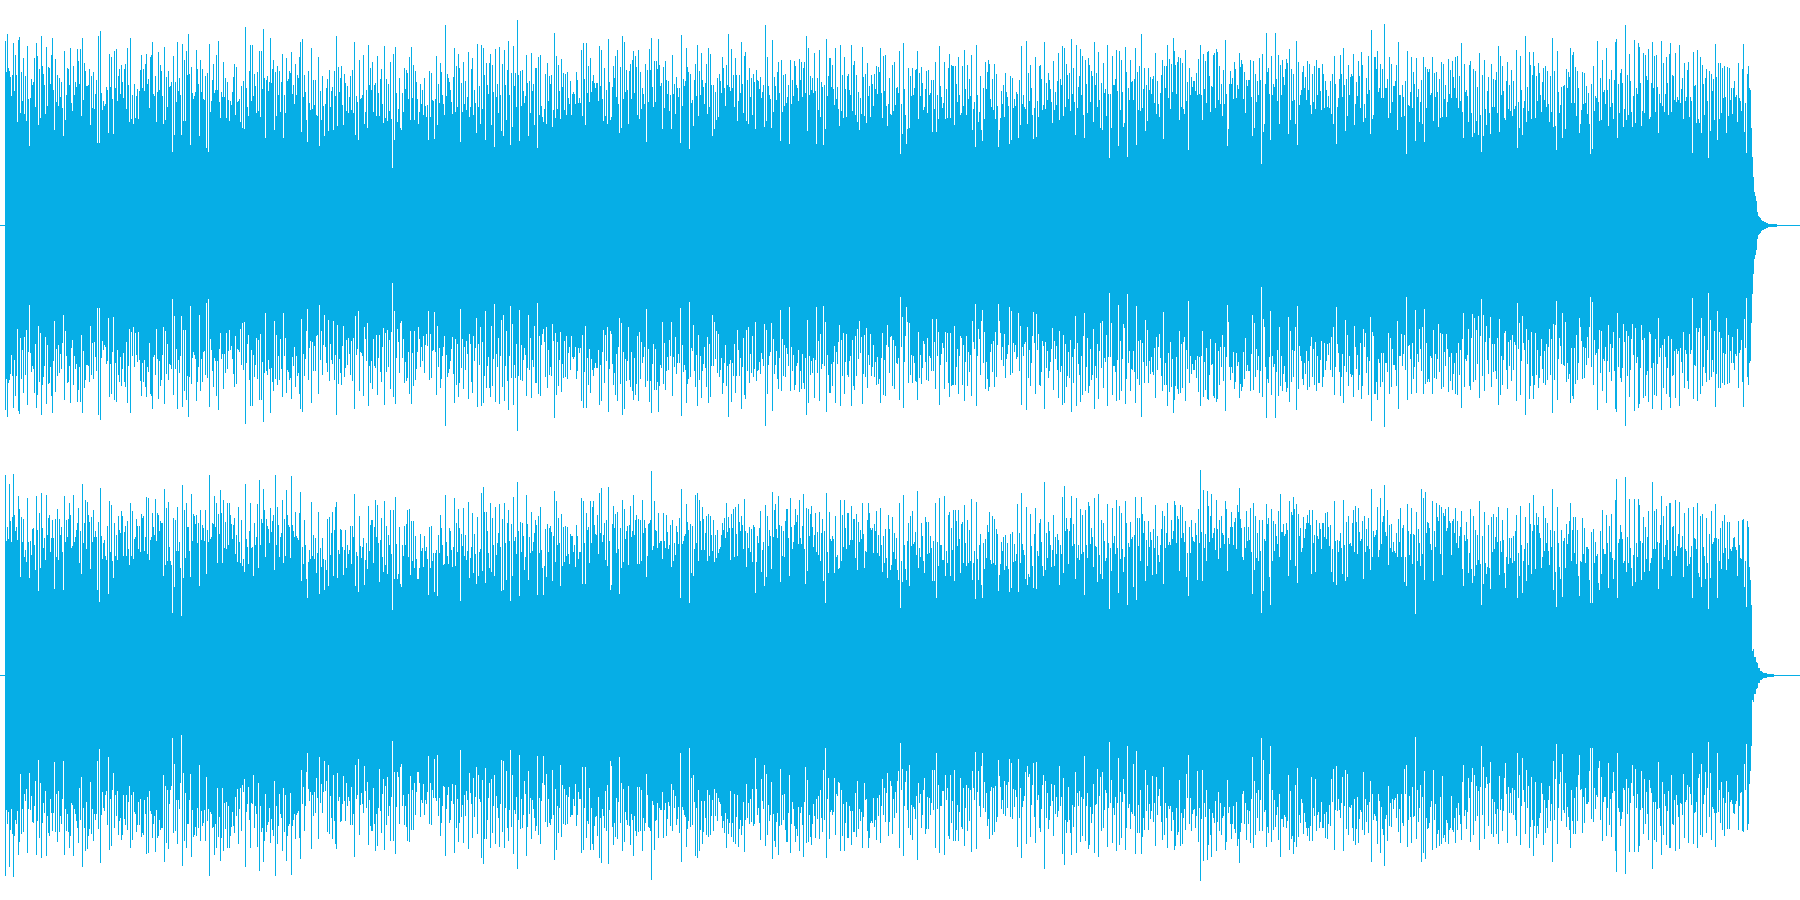 リズミカルで体を動かしたくなるポップスの再生済みの波形